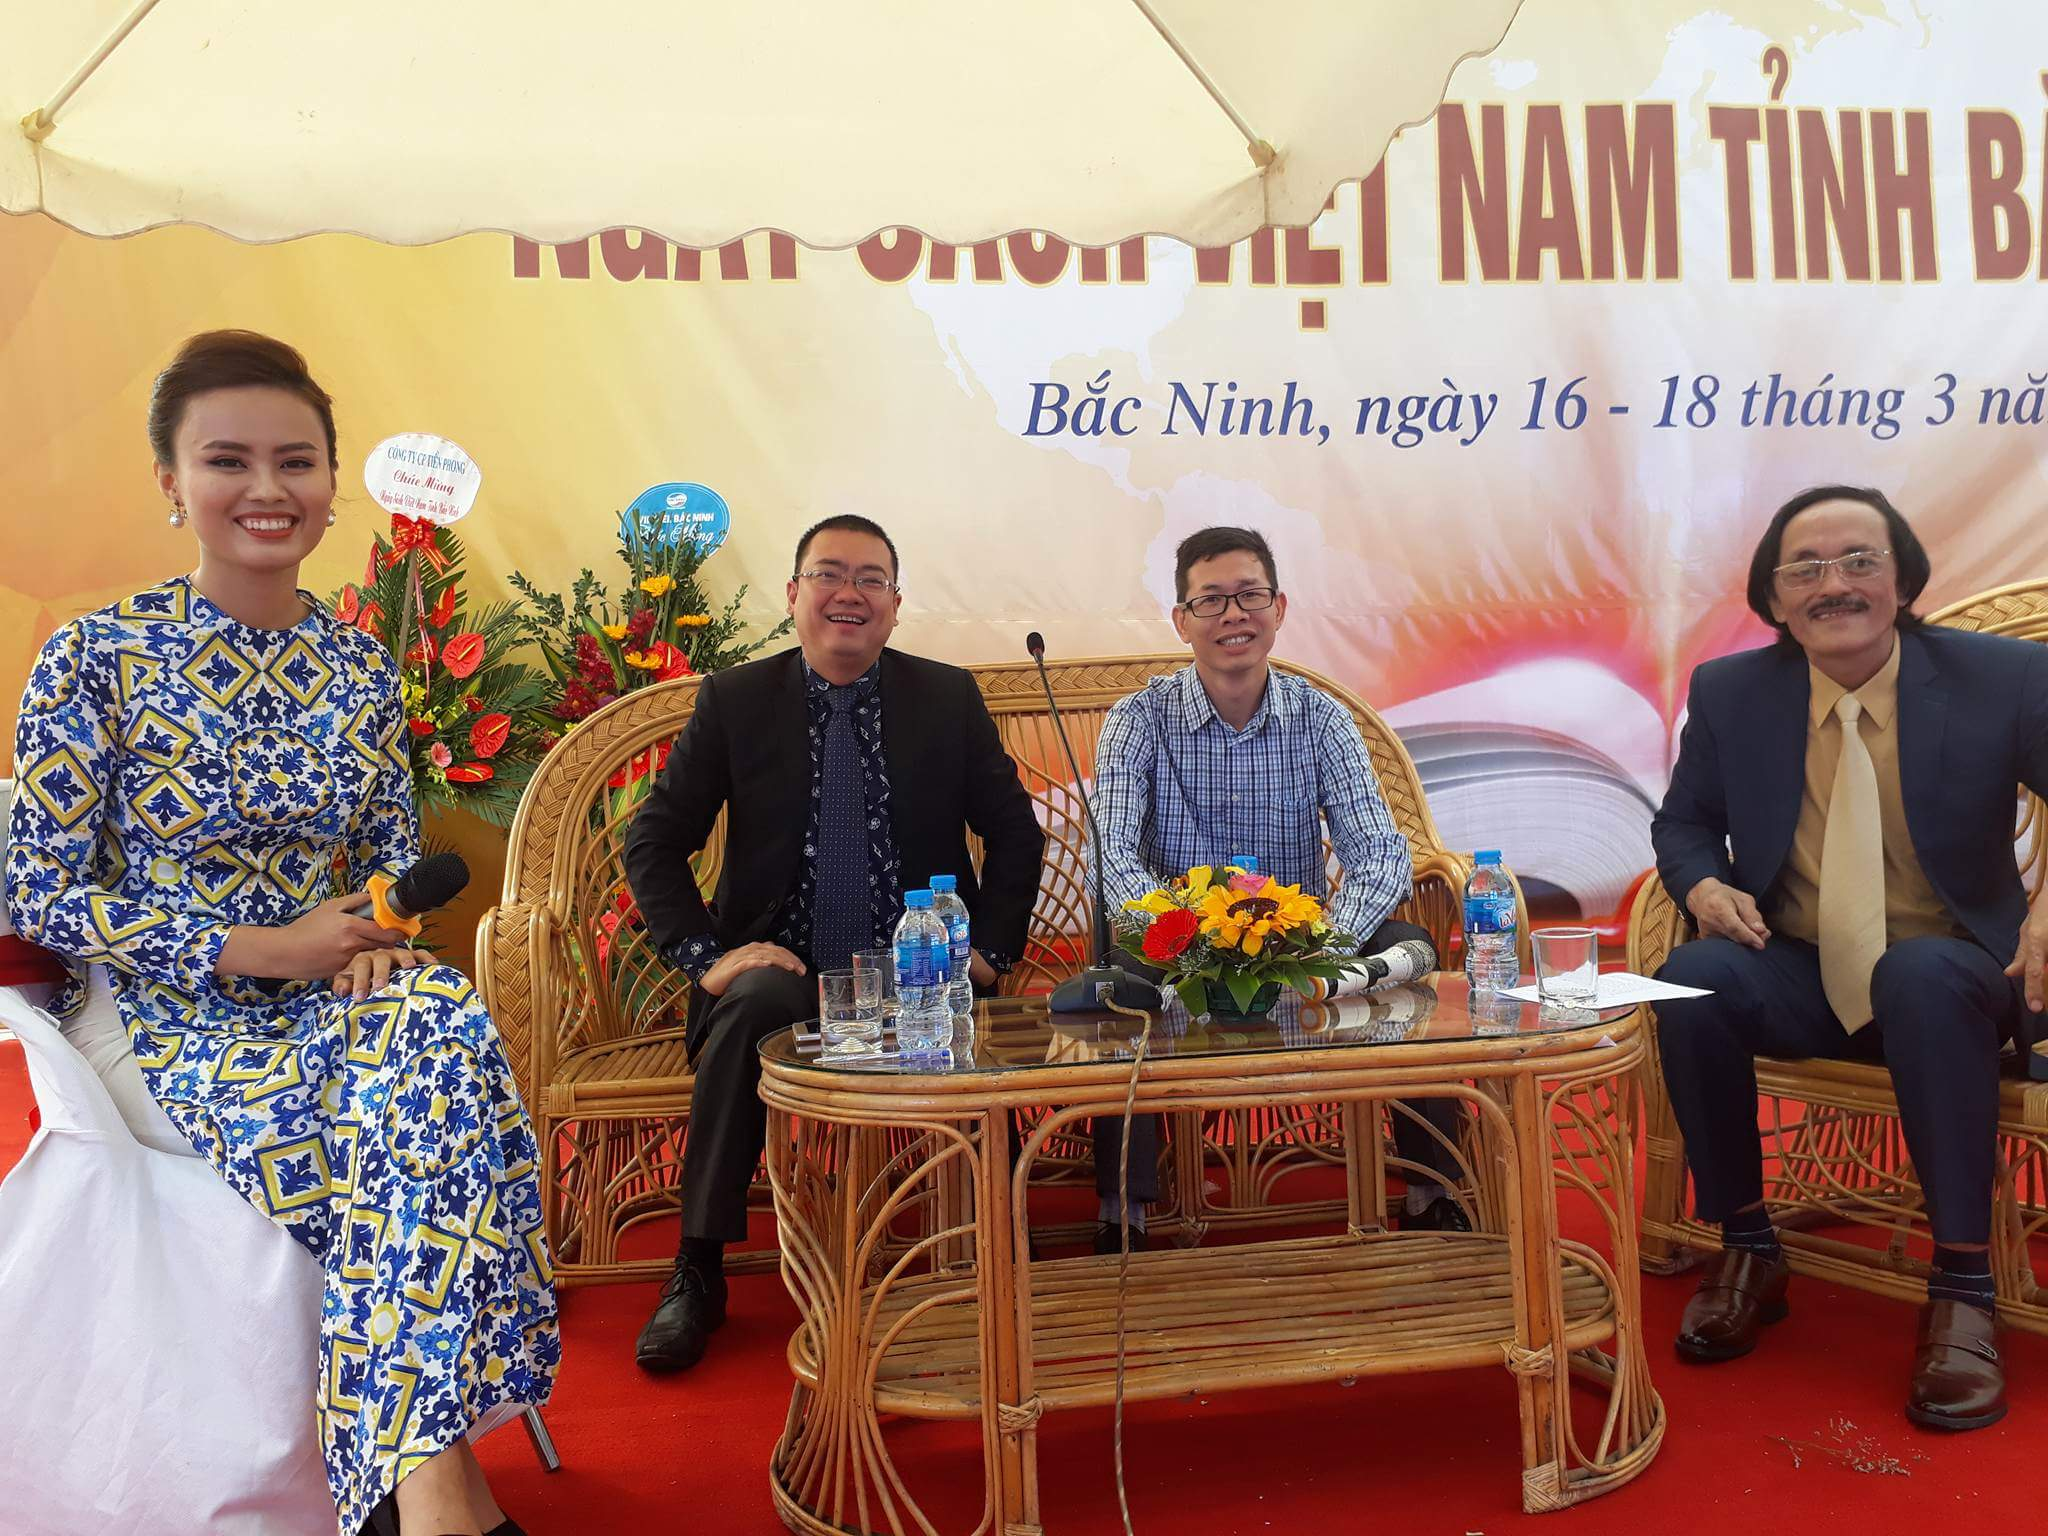 Ngày sách Việt Nam tỉnh Bắc Ninh năm 2018: Sách - văn hoá, phát triển và hội nhập - Hình 8